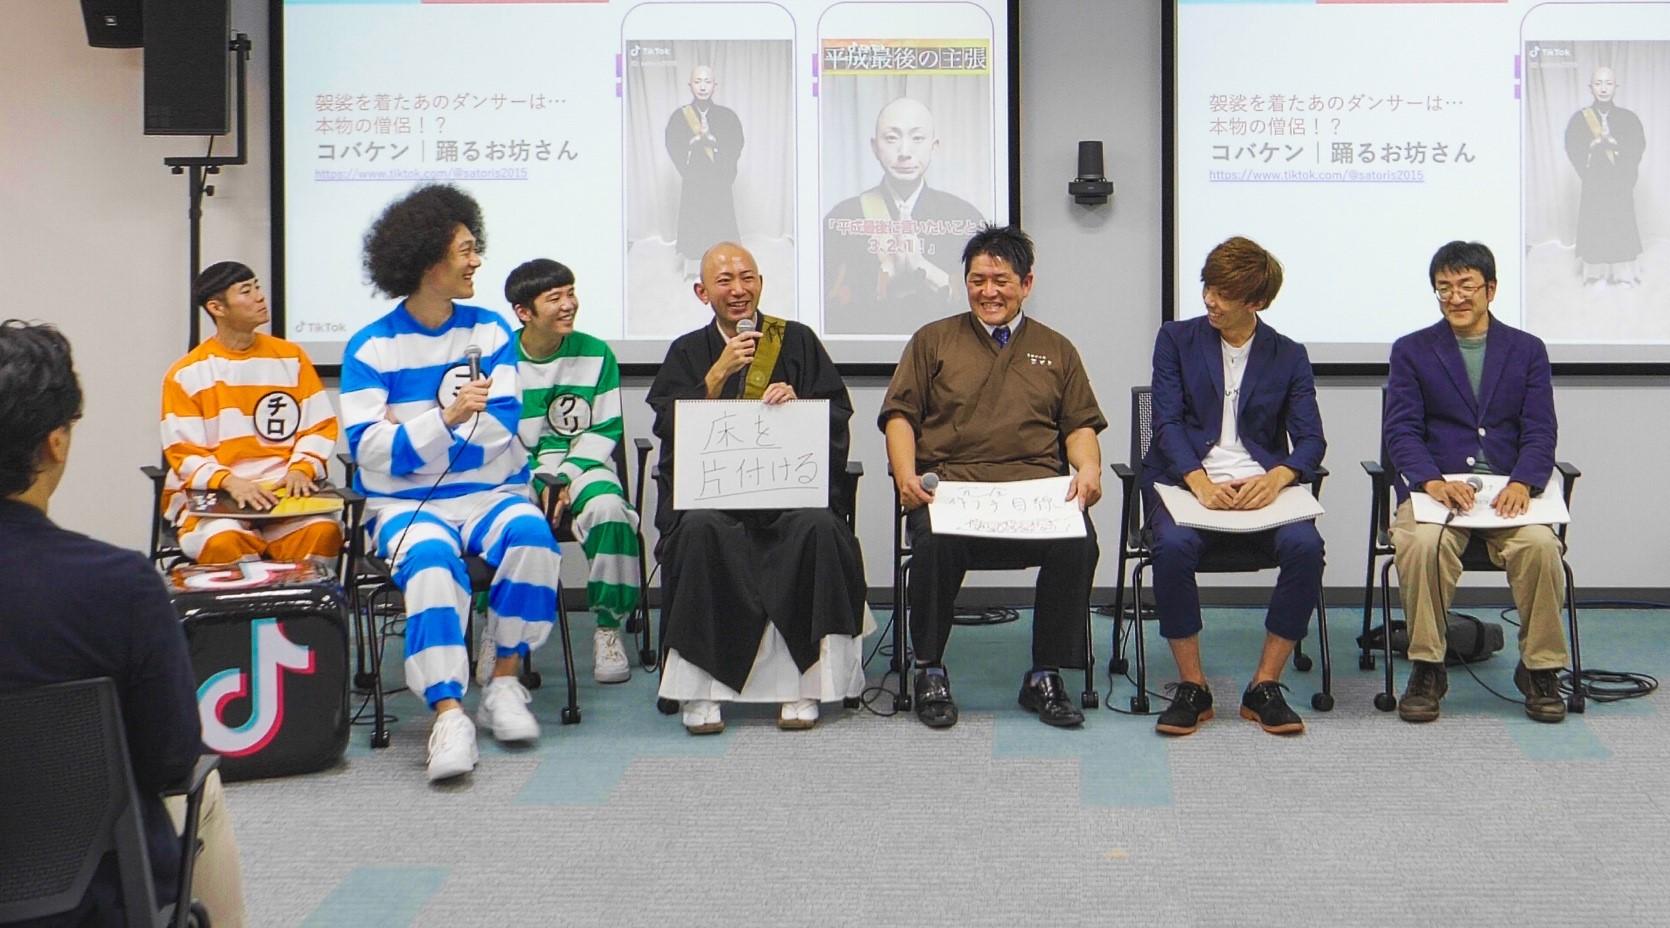 左から、ビックスモーンル(チロ/ゴン/グリ)、コバケン!踊るお坊さん、wagashi-nobu、バーソロミュー・ブック、飼育員さんzookeeper